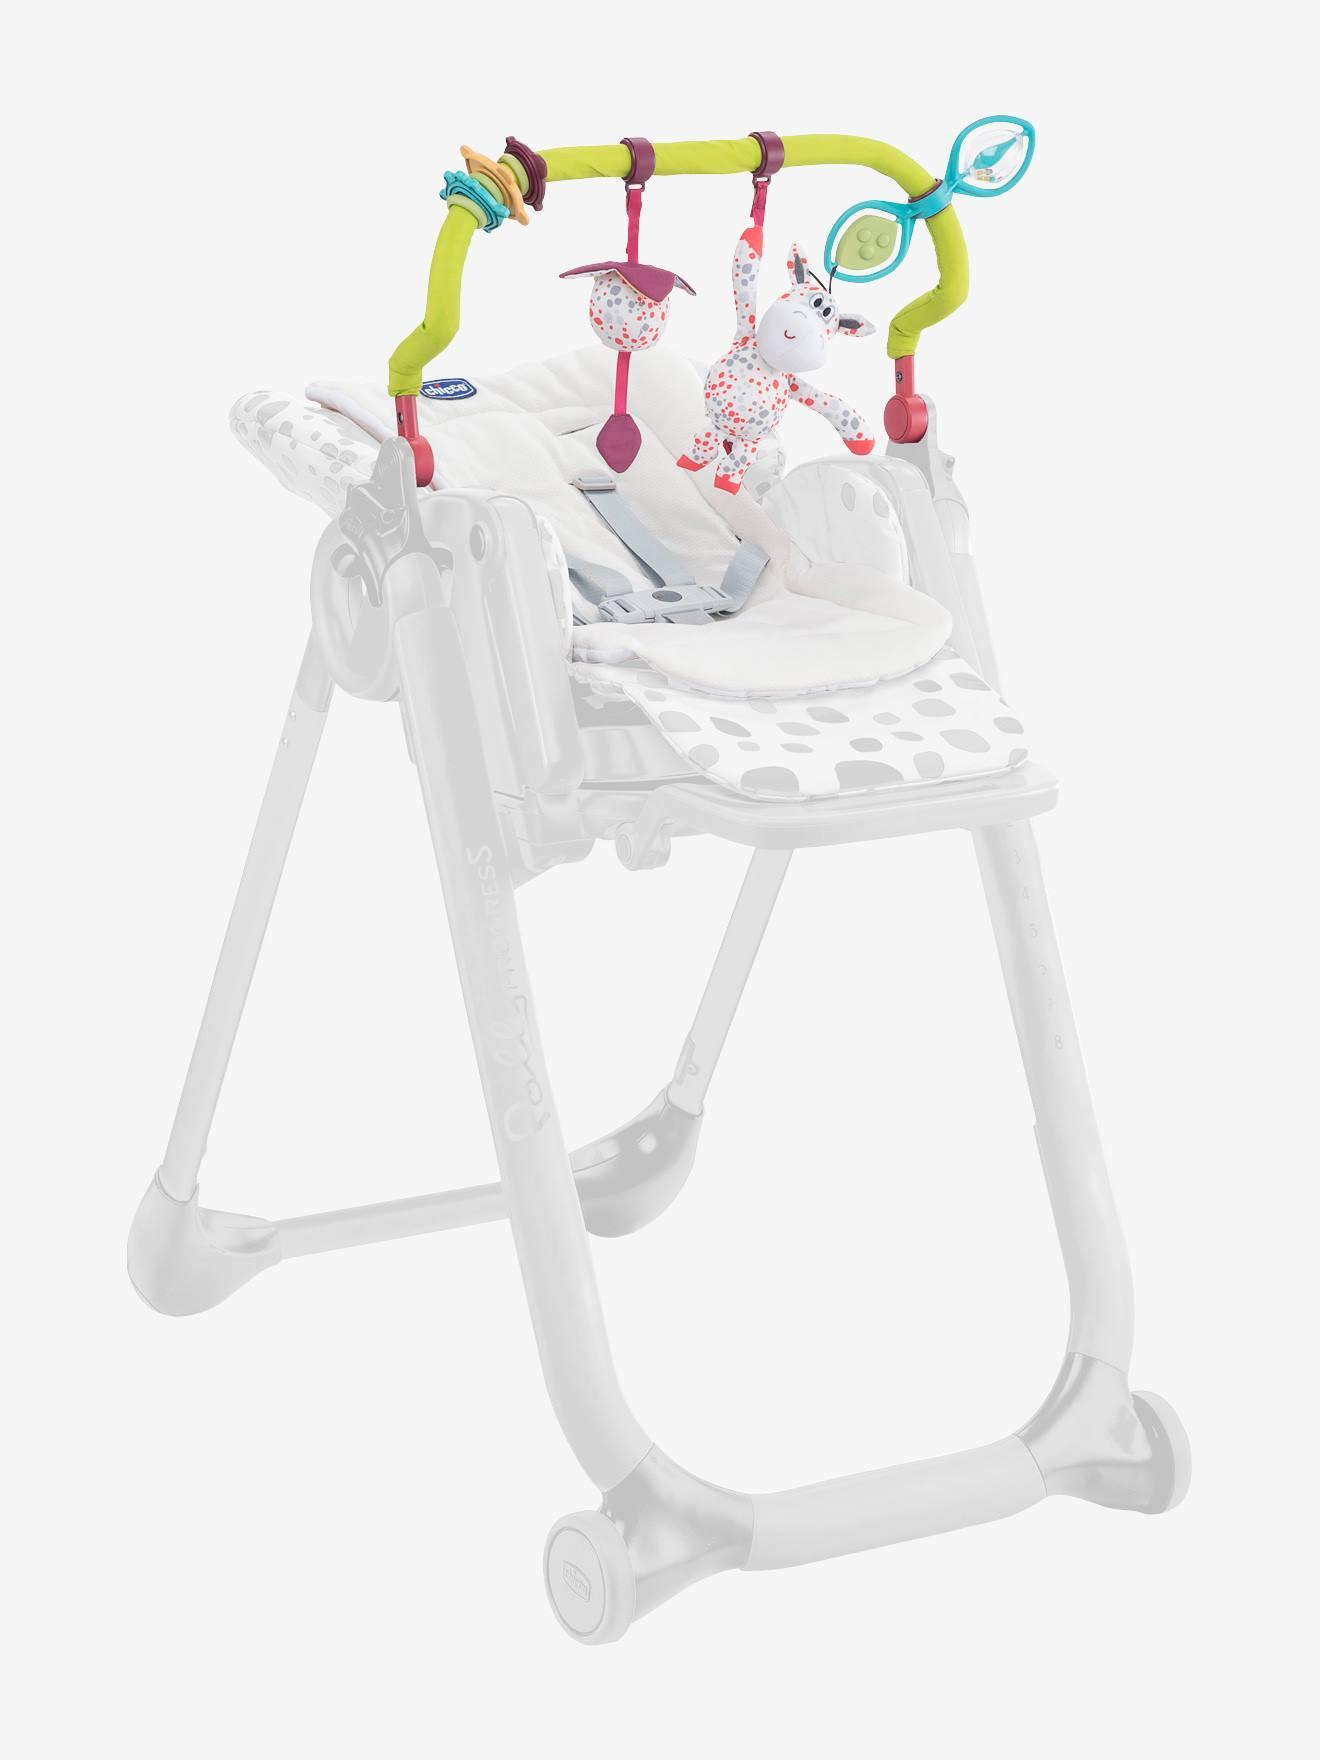 Chicco Kinderstoel Kussen.Ontspanningsset Voor Kinderstoel Van Chicco Polly Progres5 Multi